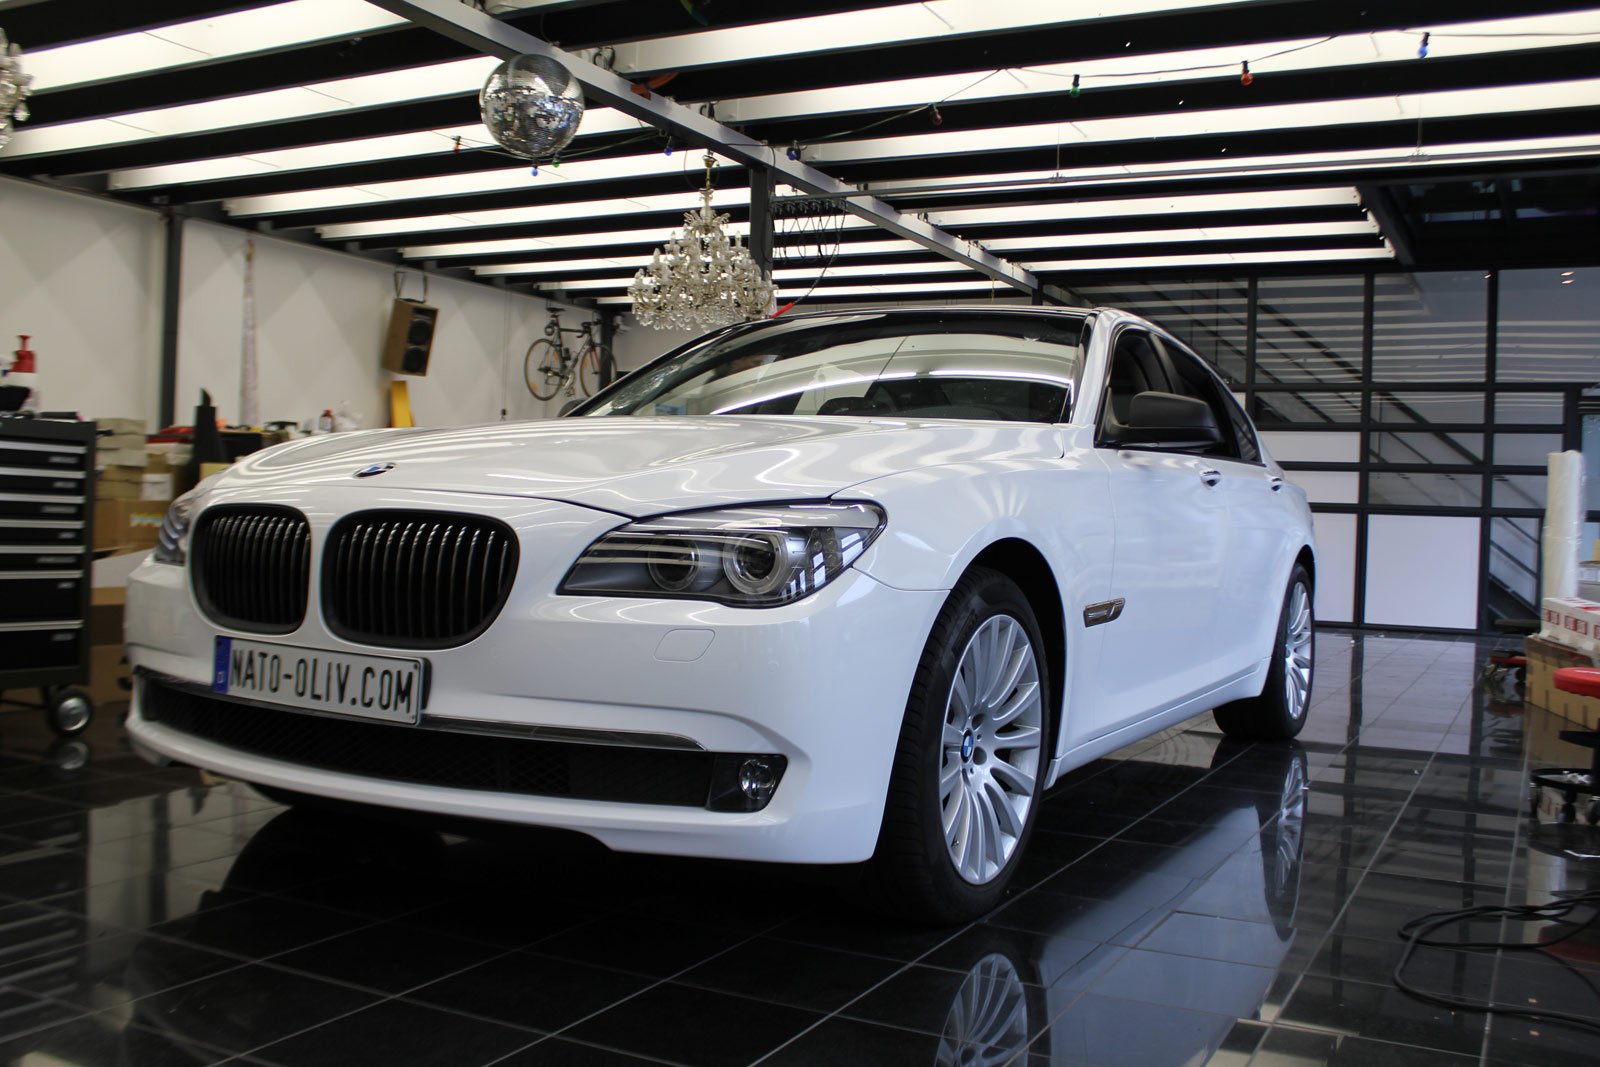 BMW_7er_Folierung_Weiss_Metallic_Schwarz_Glanz_32